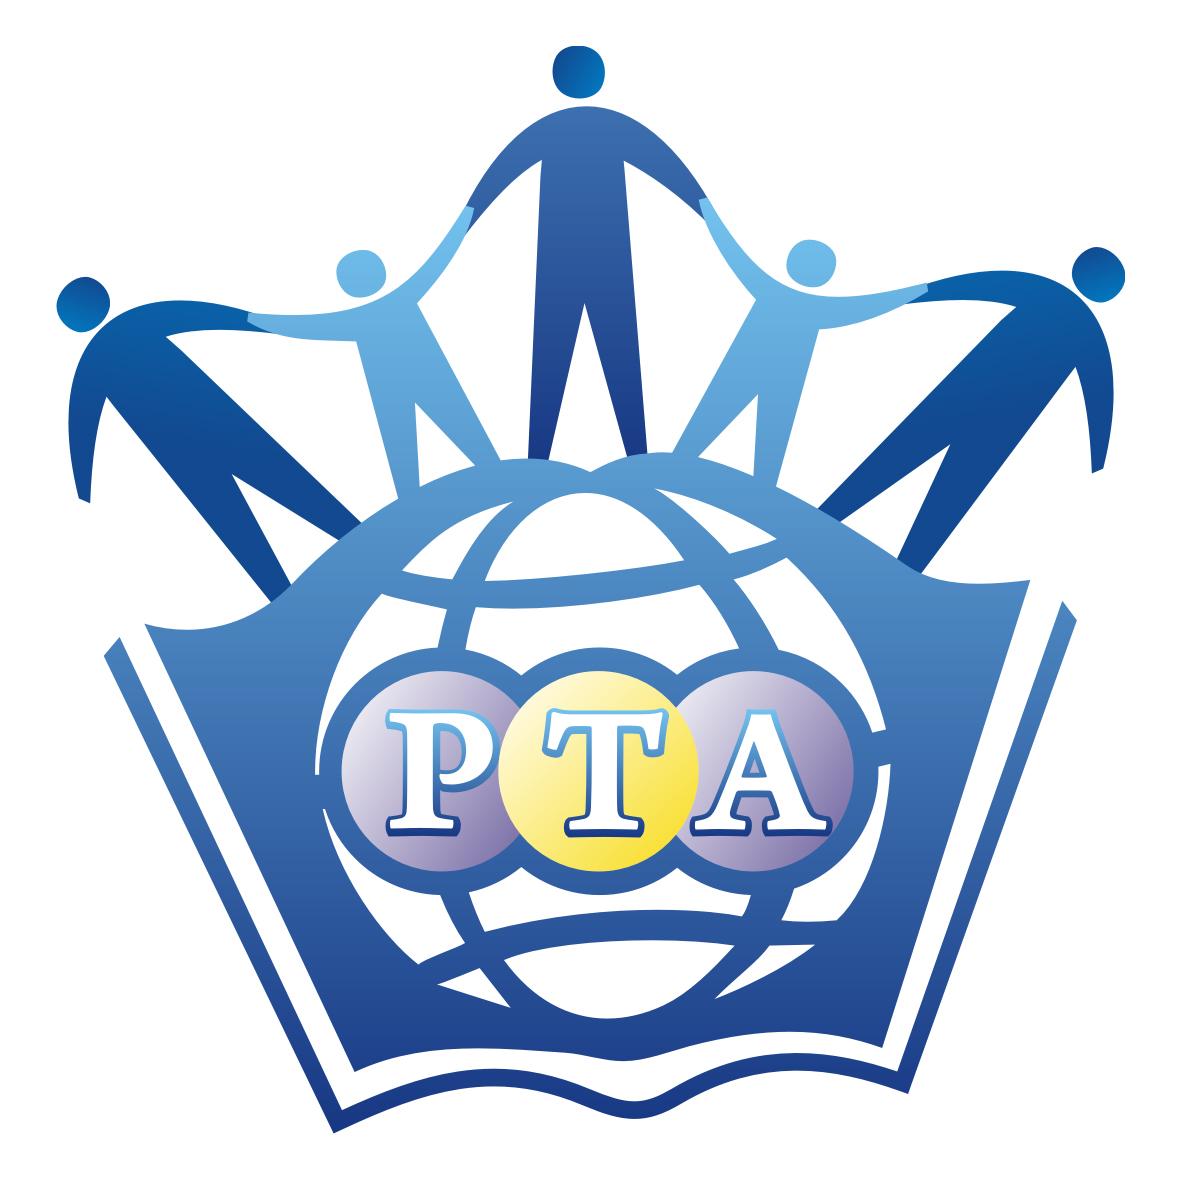 Pta Clipart Logo.